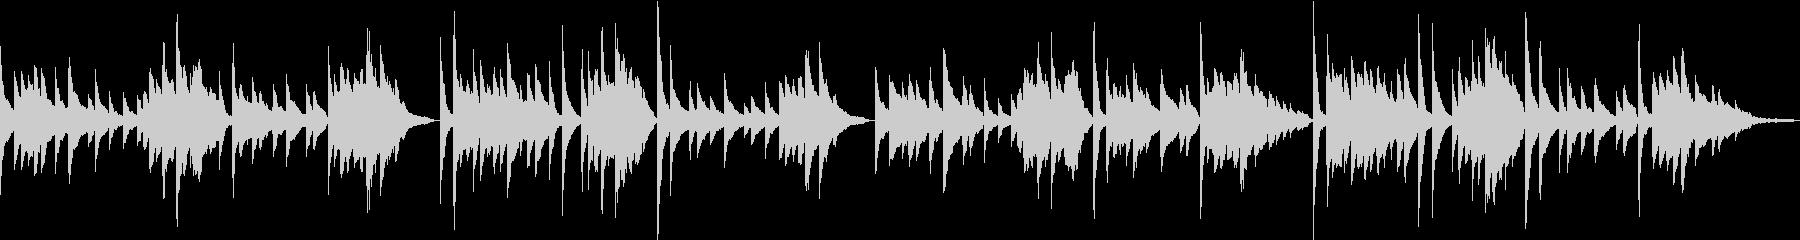 「蛍の光」ピアノアレンジ リバーブ浅めの未再生の波形